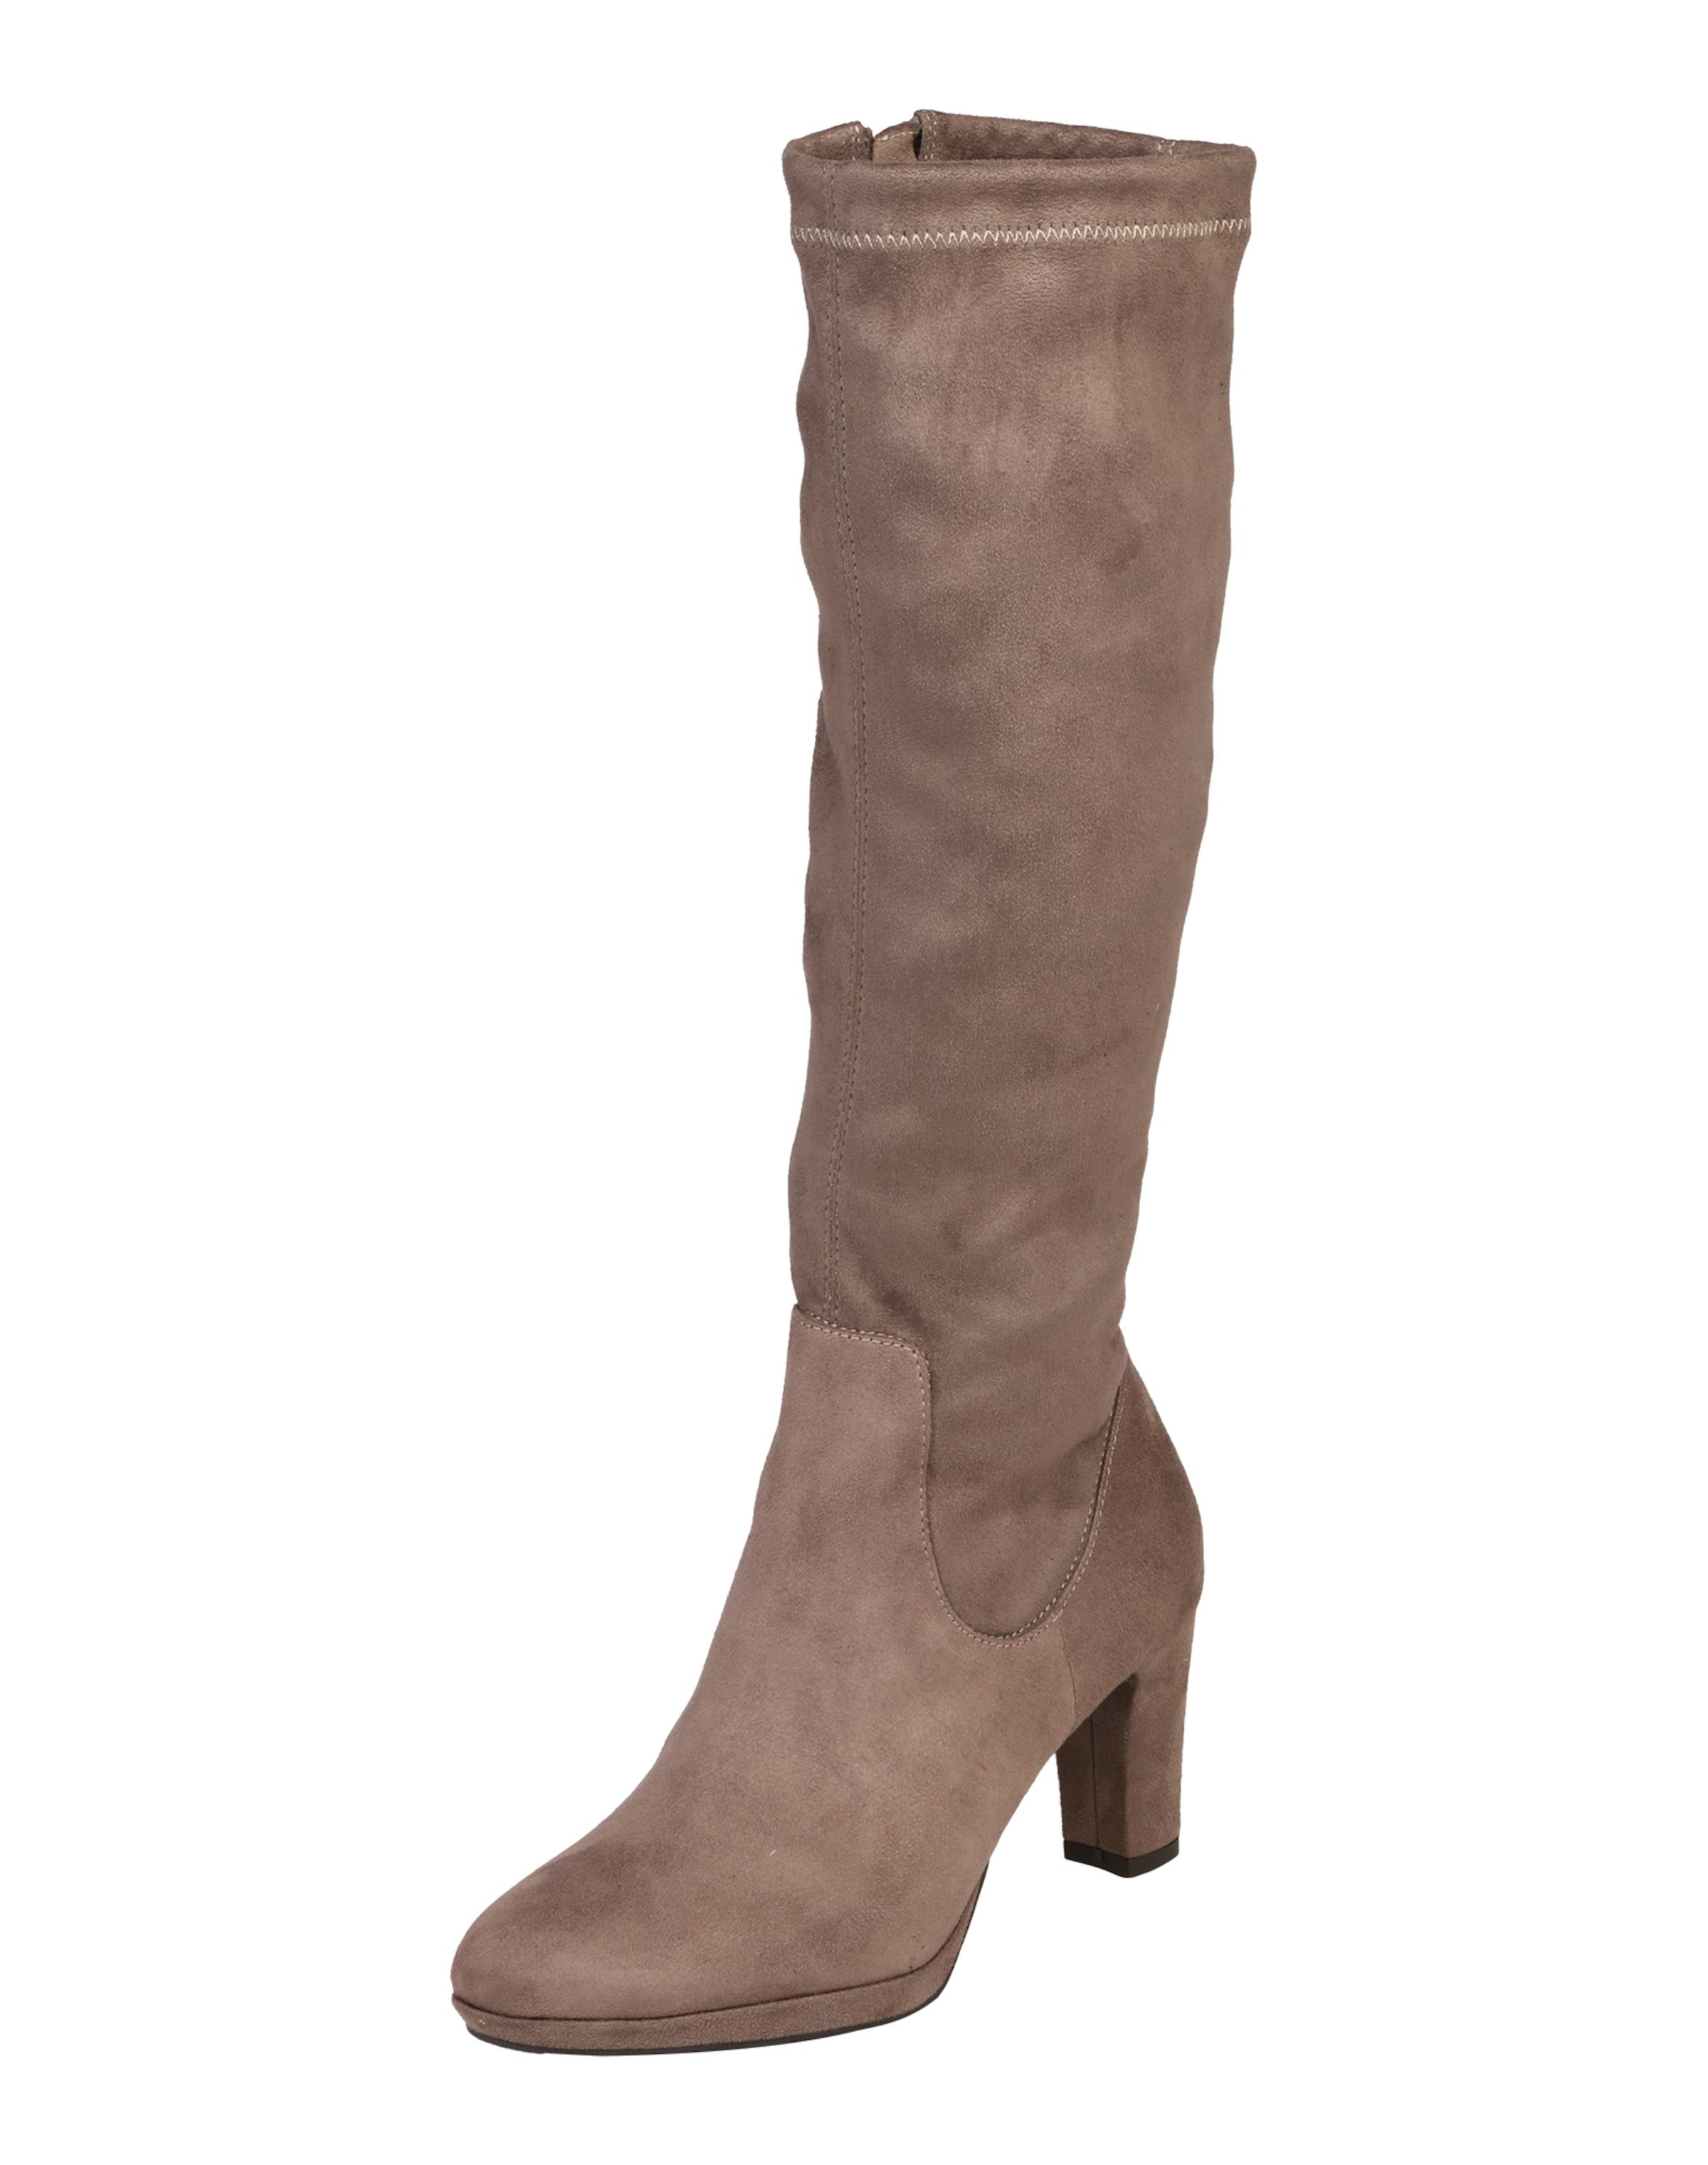 TAMARIS | Langschaft-Stiefel in in in Veloursleder-Optik 131c77